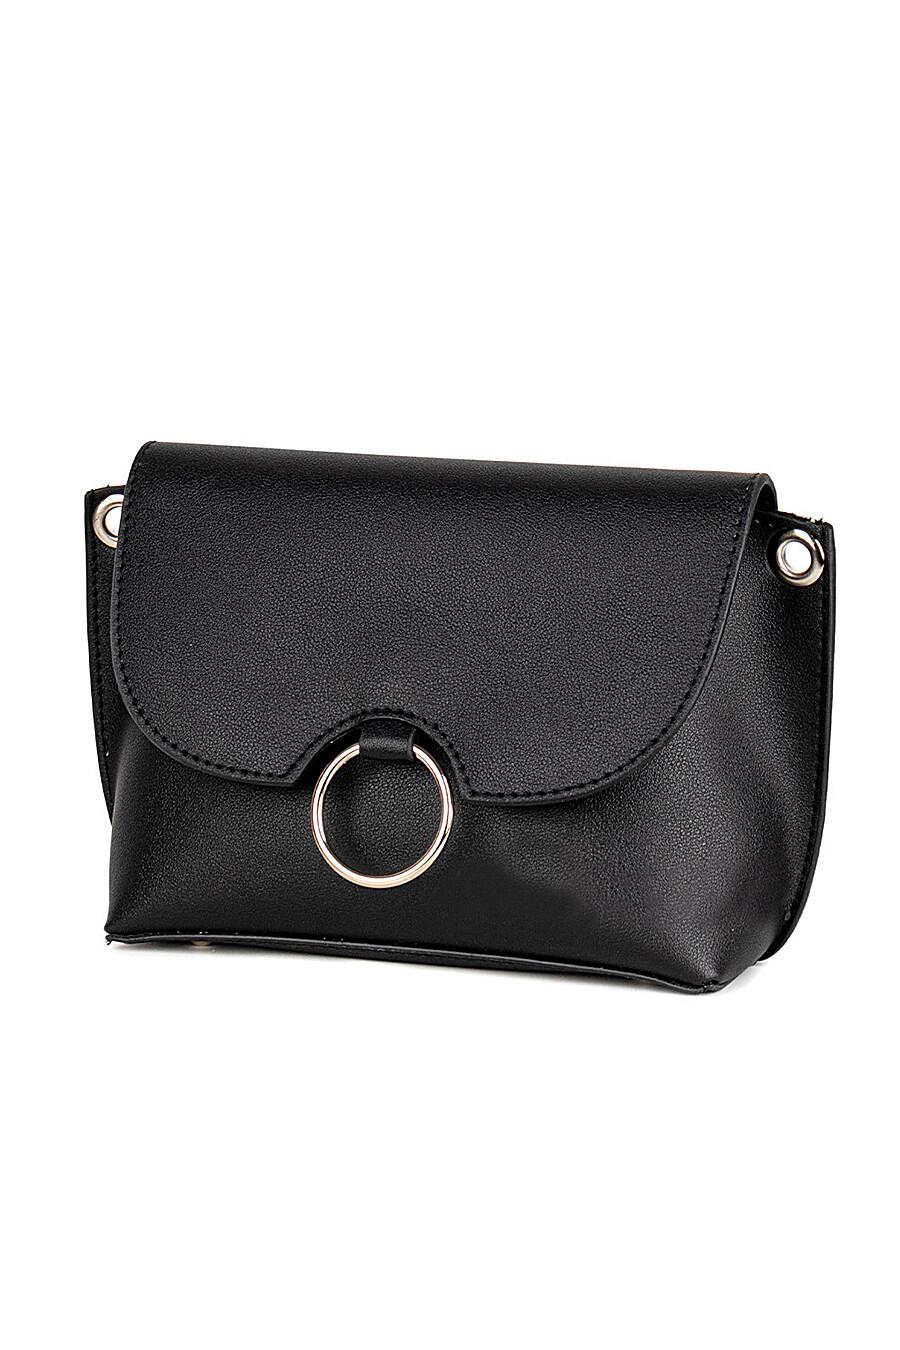 Сумка для женщин L-CRAFT 668278 купить оптом от производителя. Совместная покупка женской одежды в OptMoyo